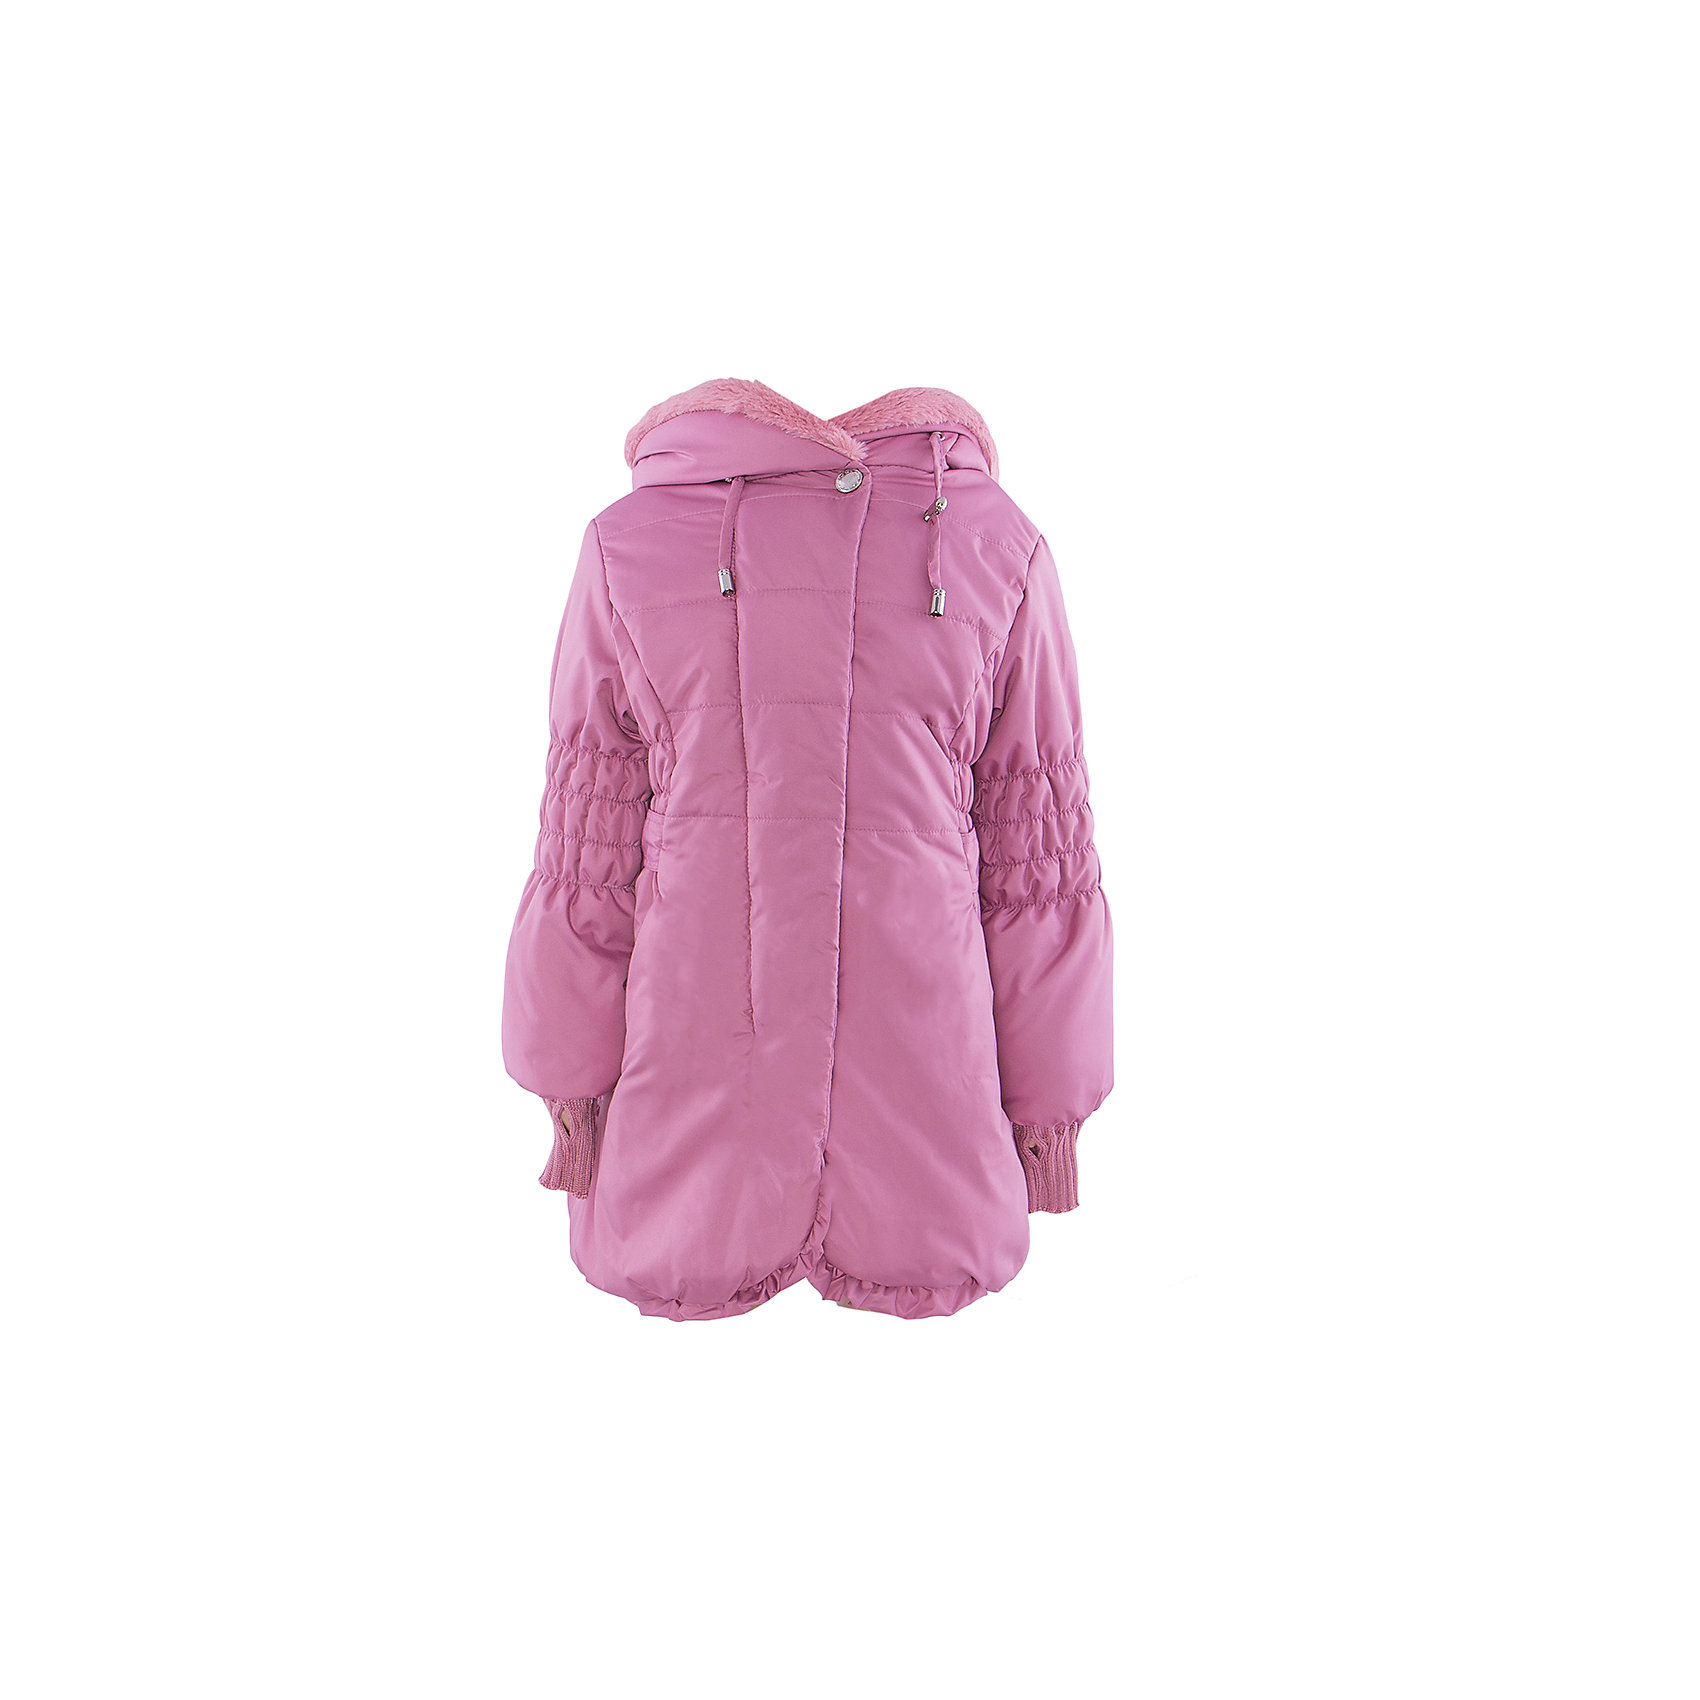 Куртка для девочки АртельВерхняя одежда<br>Куртка для девочки от торговой марки Артель &#13;<br>&#13;<br>Очень эффектная куртка отлично смотрится и хорошо сидит. Изделие выполнено из качественных материалов, имеет удобные карманы и капюшон. Отличный вариант для переменной погоды межсезонья!&#13;<br>Одежда от бренда Артель – это высокое качество по приемлемой цене и всегда продуманный дизайн. &#13;<br>&#13;<br>Особенности модели: &#13;<br>- цвет - розовый;&#13;<br>- наличие карманов;&#13;<br>- наличие капюшона с опушкой;&#13;<br>- ветрозащитный клапан;&#13;<br>- отделка рюшами;&#13;<br>- застежка-молния.&#13;<br>&#13;<br>Дополнительная информация:&#13;<br>&#13;<br>Состав: &#13;<br>- верх: F Multi;&#13;<br>- подкладка: хлопок интерлок;<br>- утеплитель: термофайбер 100гр.<br><br>&#13;<br>Температурный режим: &#13;<br>от -10 °C до +10 °C&#13;<br>&#13;<br>Куртку для девочки Артель (Artel) можно купить в нашем магазине.<br><br>Ширина мм: 356<br>Глубина мм: 10<br>Высота мм: 245<br>Вес г: 519<br>Цвет: розовый<br>Возраст от месяцев: 48<br>Возраст до месяцев: 60<br>Пол: Женский<br>Возраст: Детский<br>Размер: 110,122,116,104,98<br>SKU: 4496019